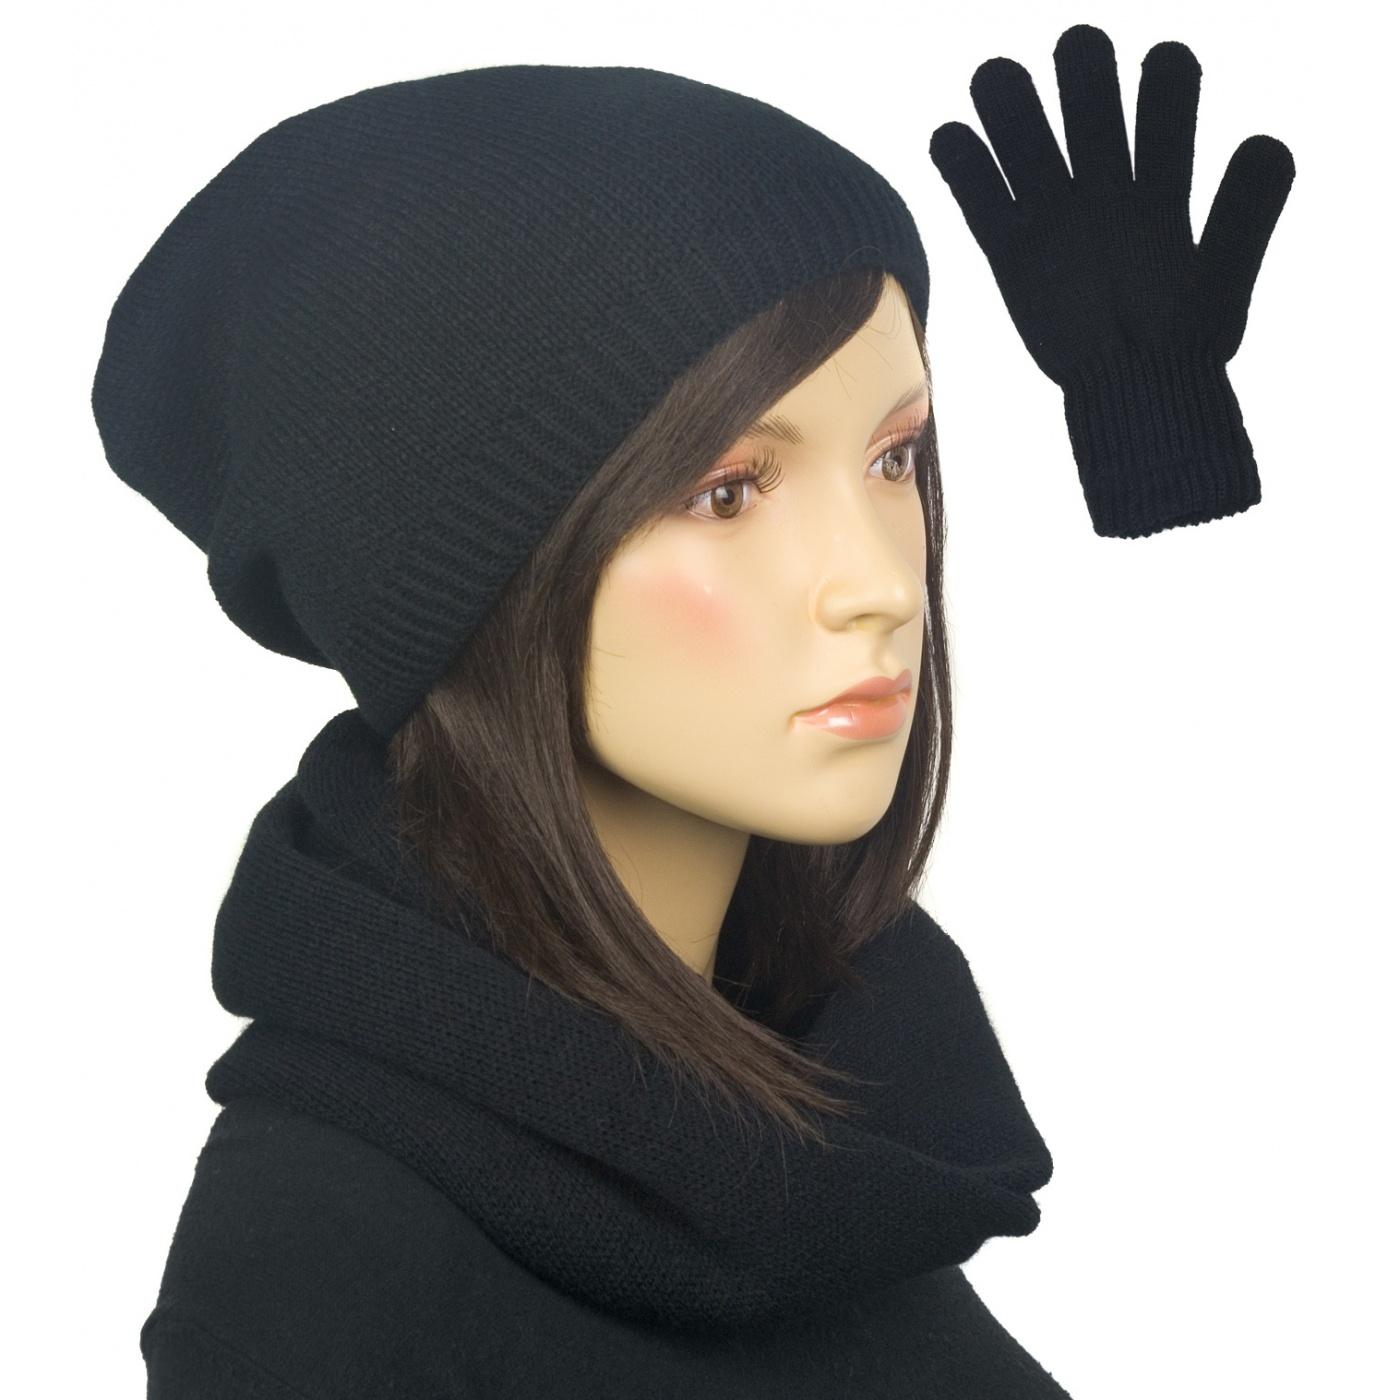 Komplet zimowy damski czapka, komin i rękawiczki - czarny